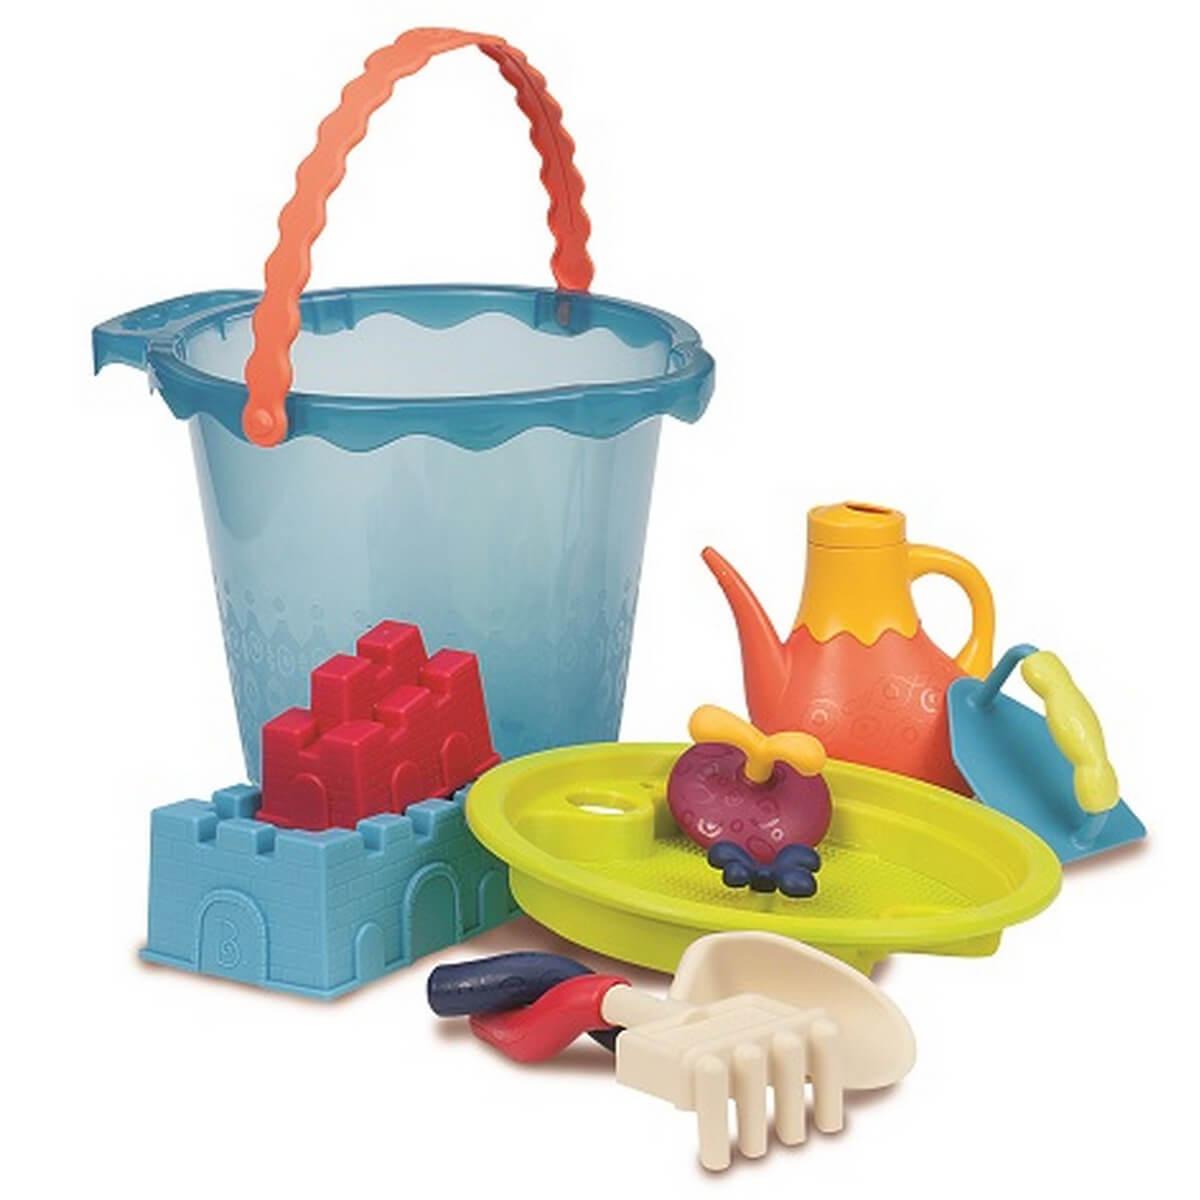 battat Набор для игры с песком и водой «Мега ведерце Море» BX1444Z